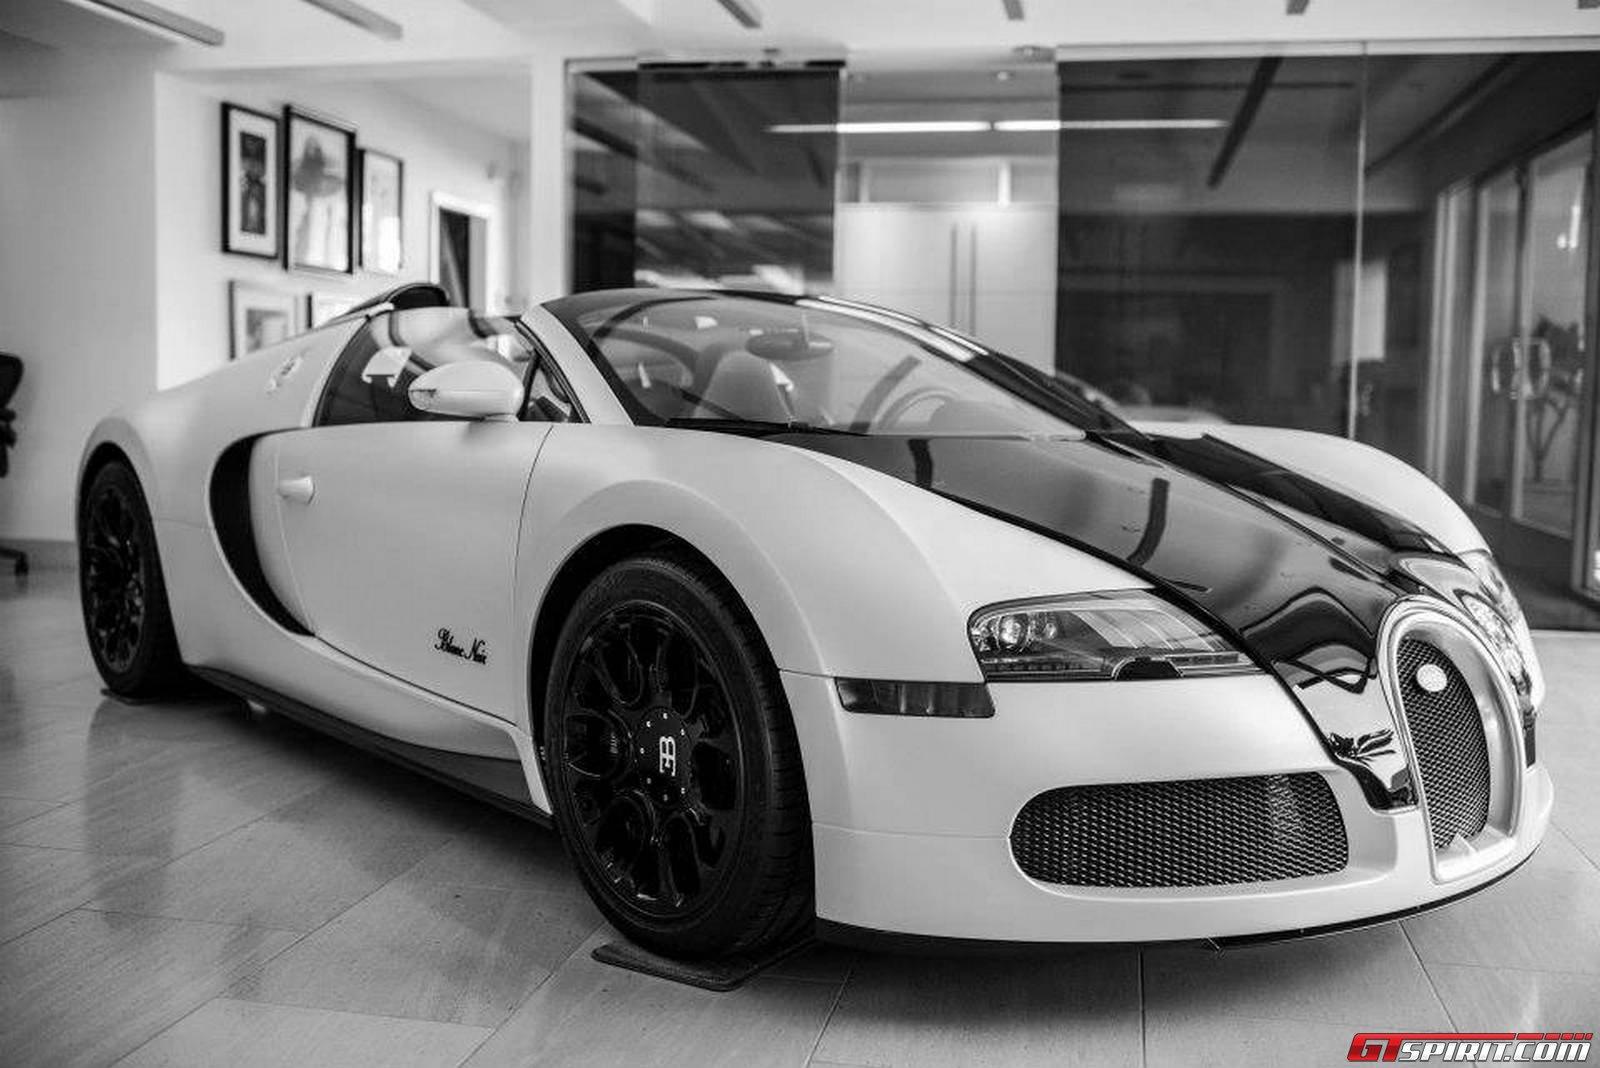 Những khoảnh khắc đáng nhớ nhất của Bugatti trong năm qua 2